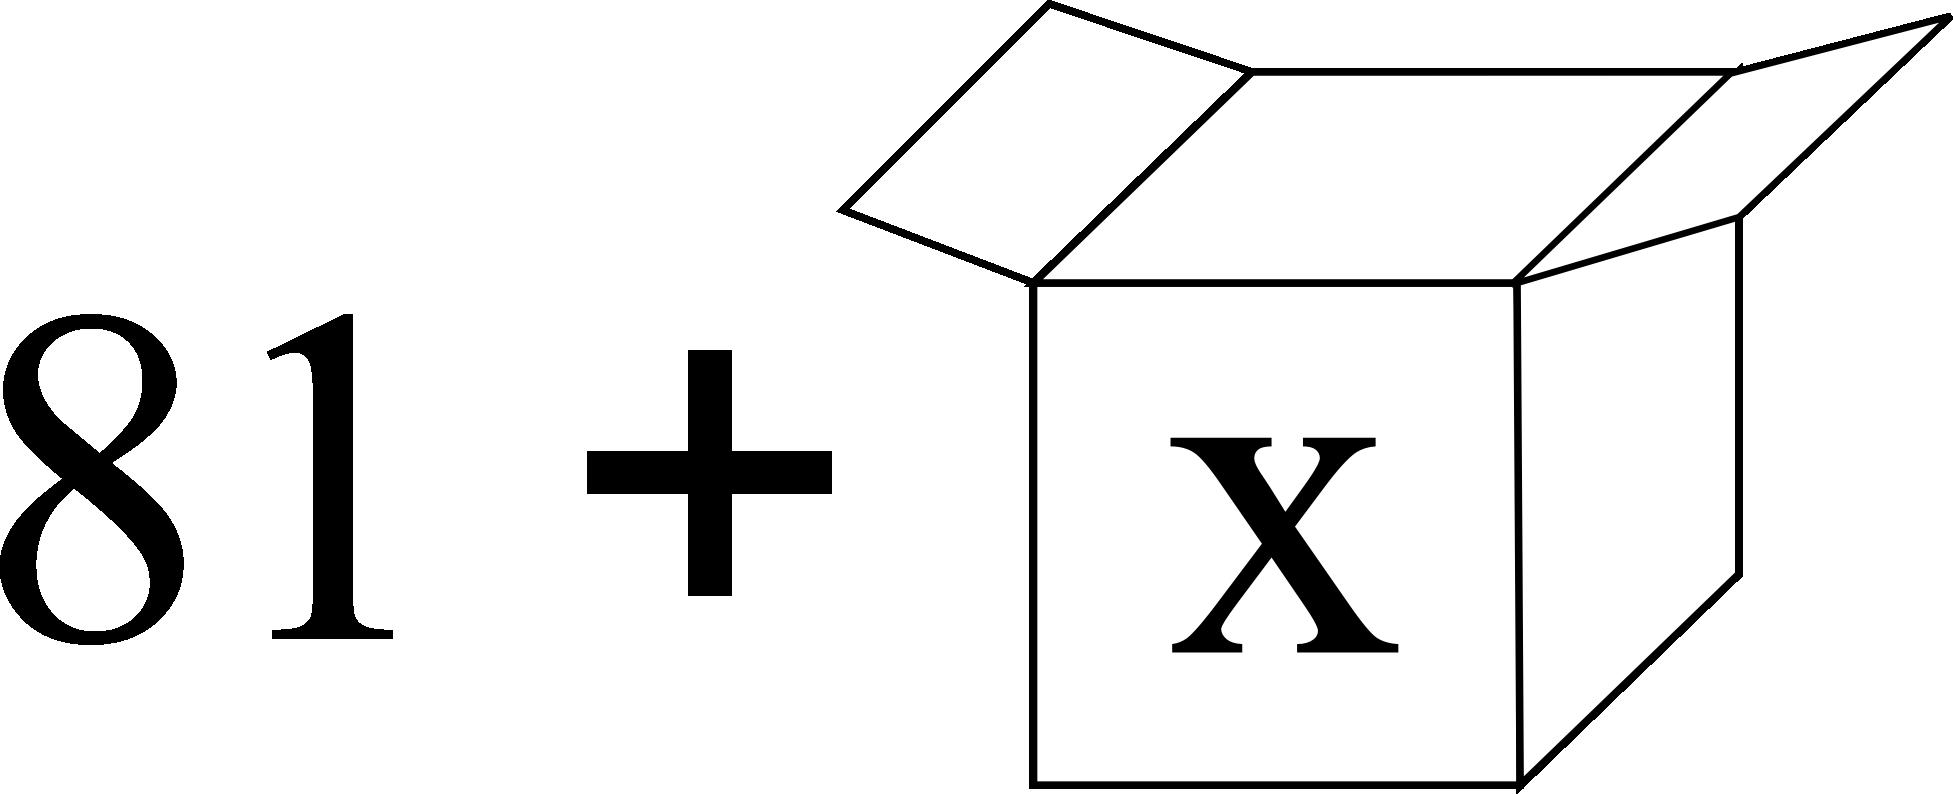 Addition de nombre connu et variable inconnue